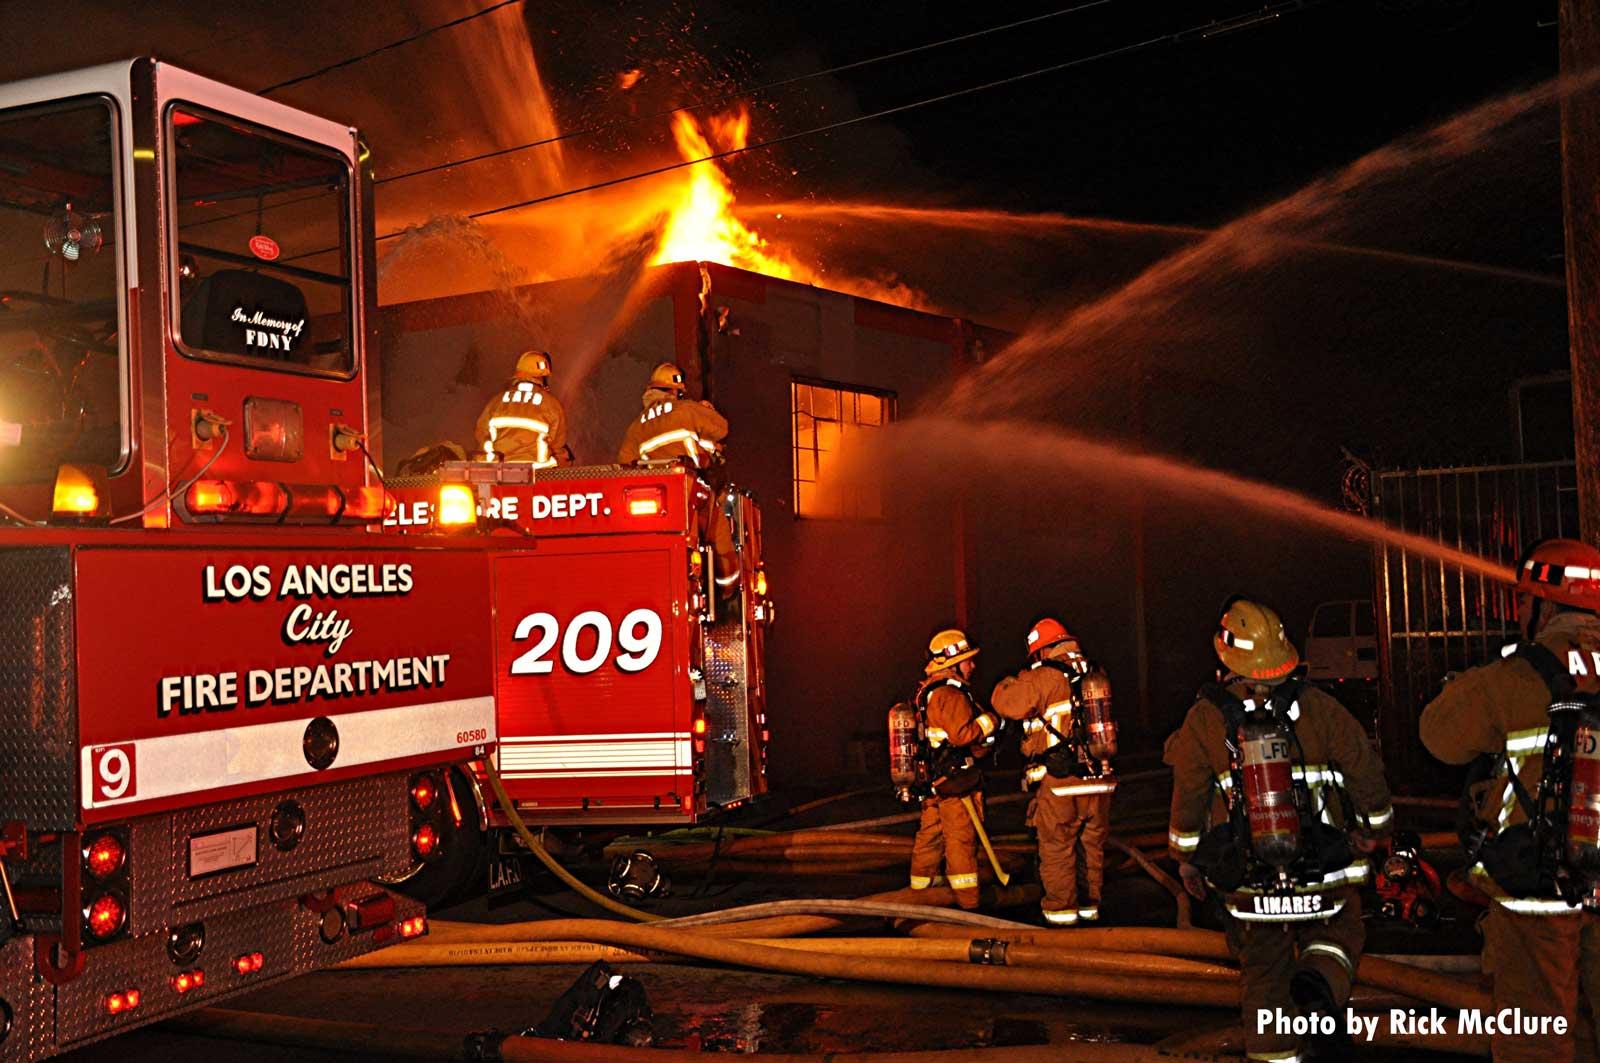 LAFD firefighters battling a major emergency fire